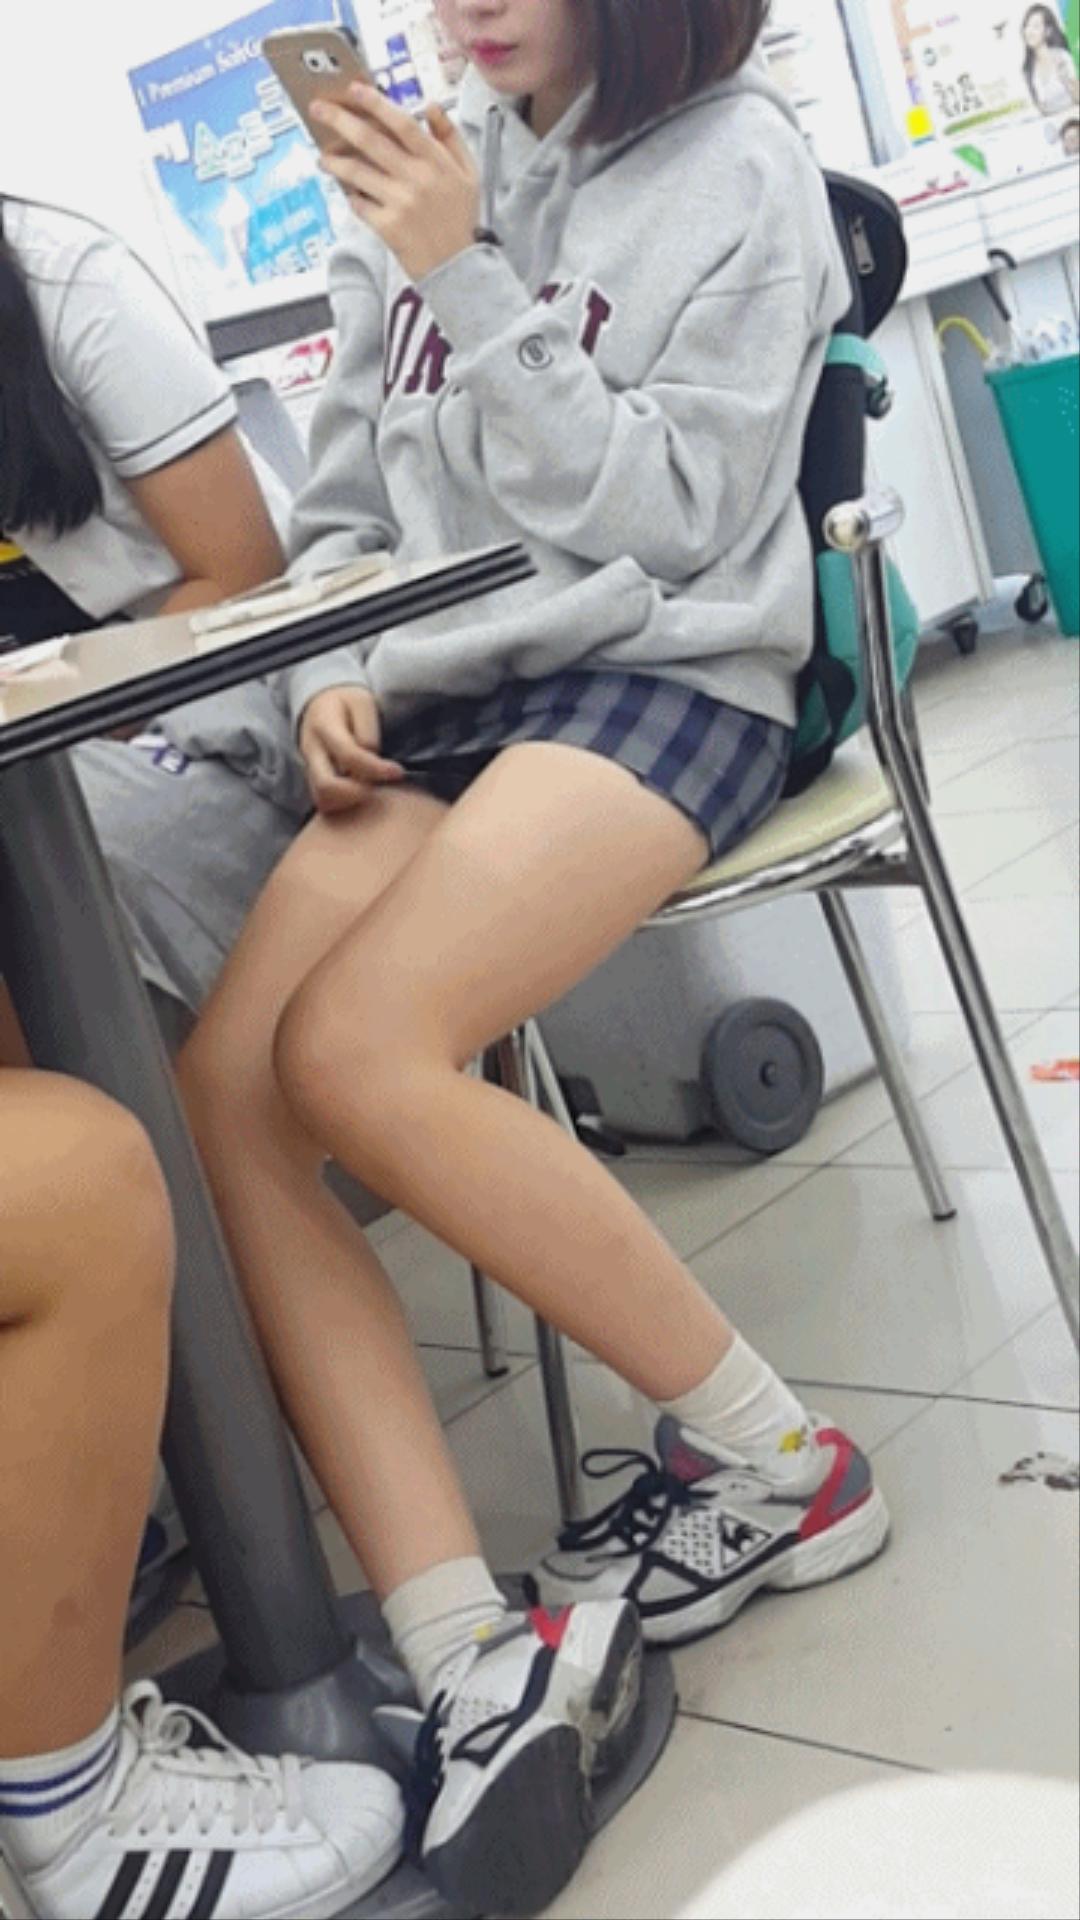 タイトミニの制服がぐうシコすぎる韓国JKがエロ目線でしか見れない件。(画像あり)・18枚目